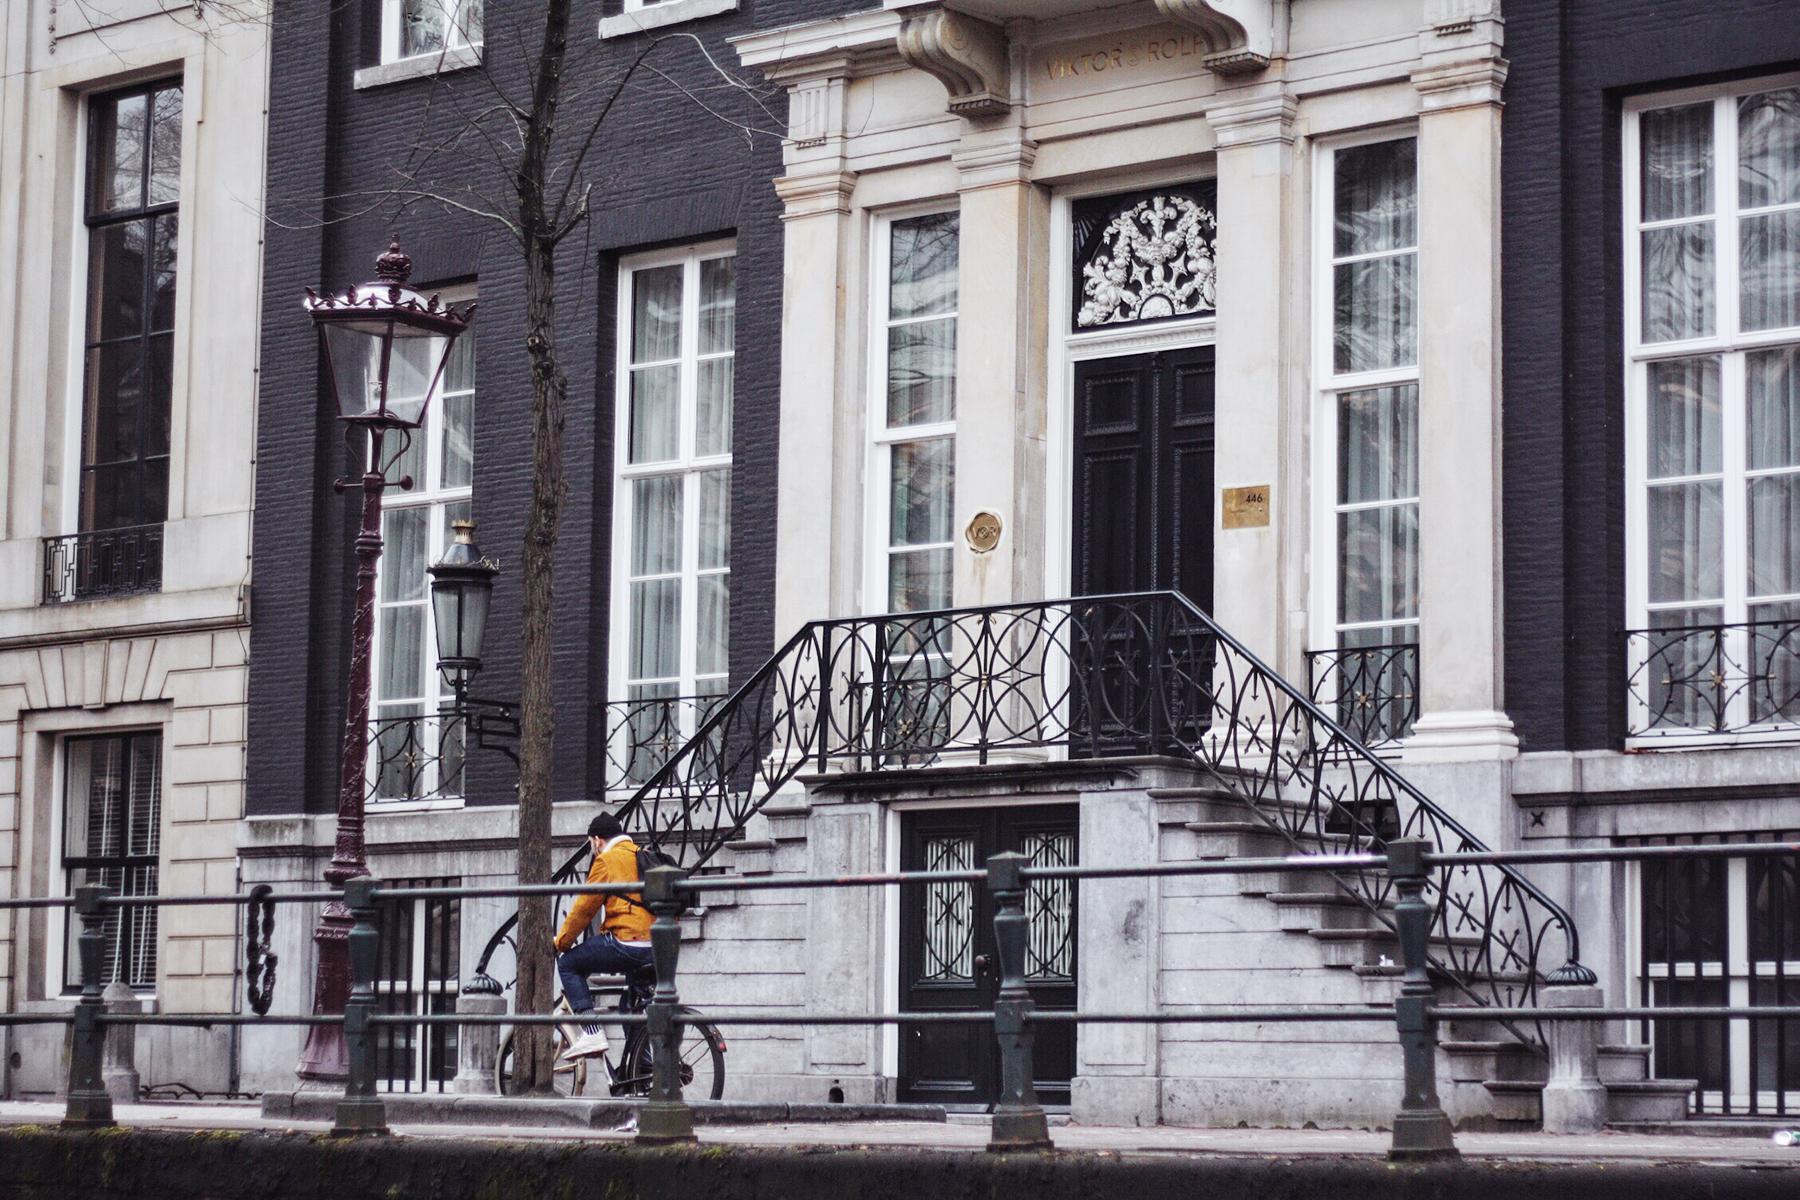 reiseblogger_travelbloger_hannover_itsgoldie_its_goldie_hilton_amsterdam_Niederlande_hotel_reise_hoteltipp_travelguide_review